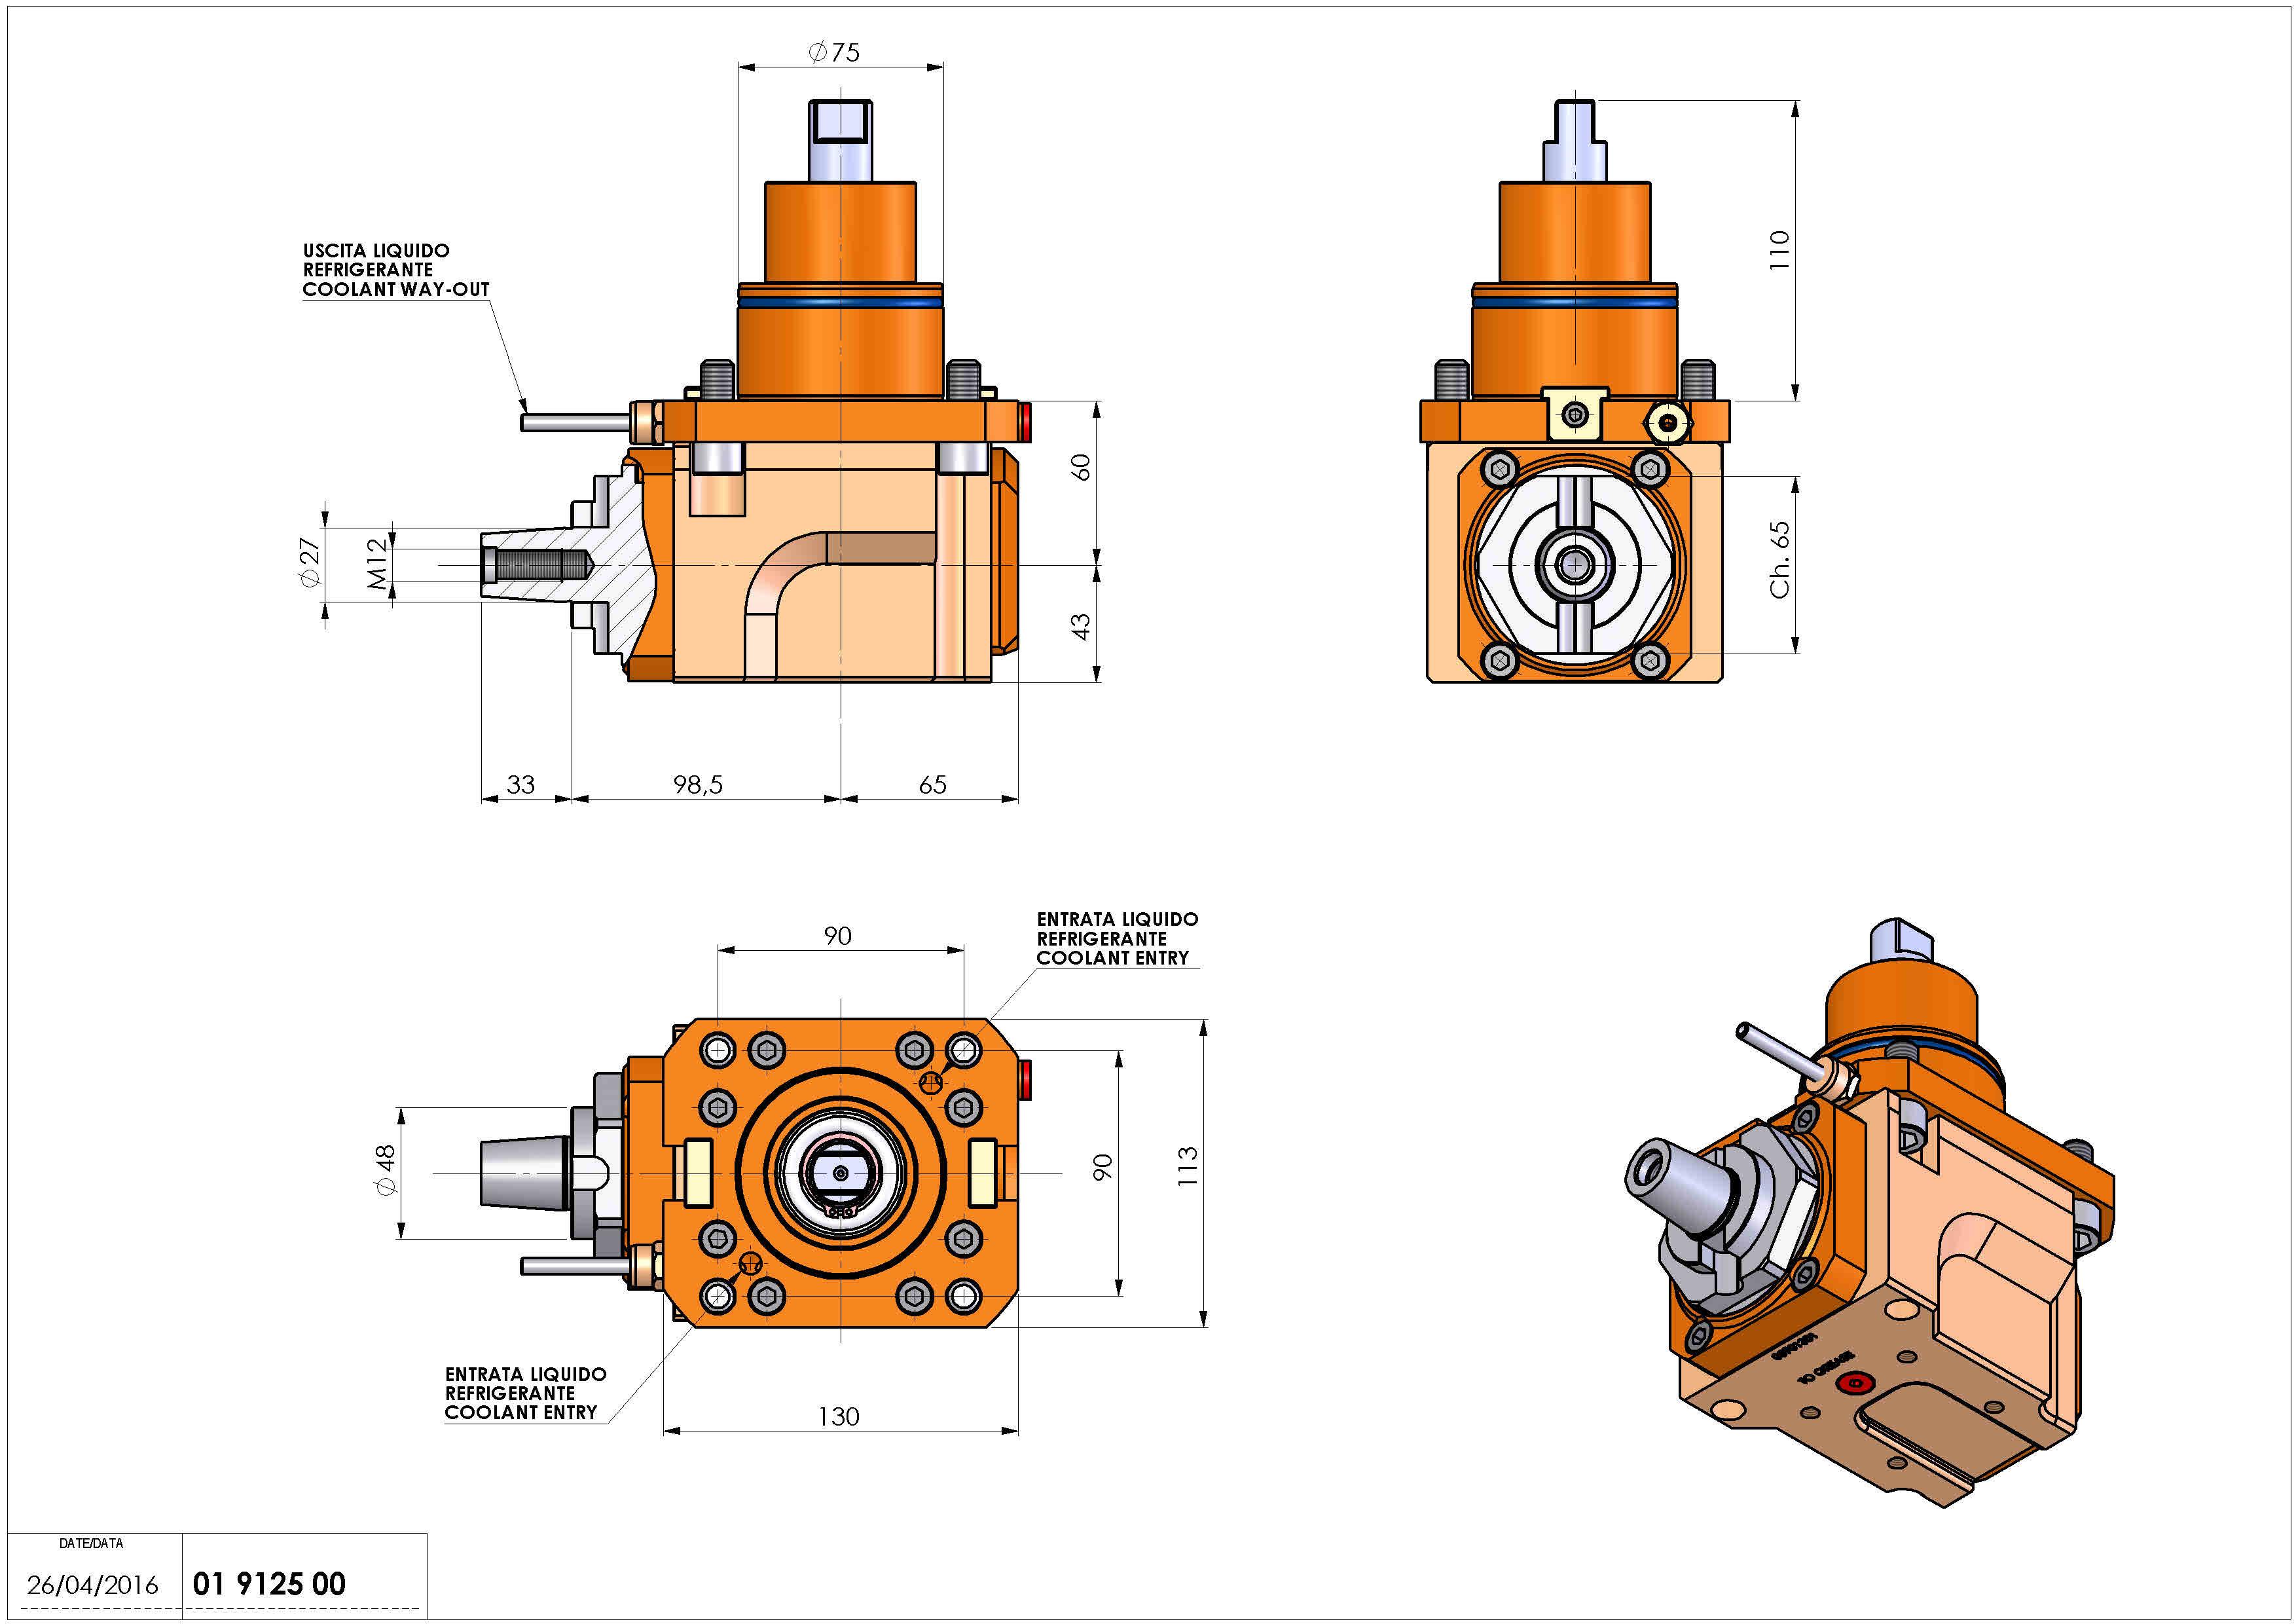 Technical image - LT-A BMT75 D27 CONICO 4 H60.